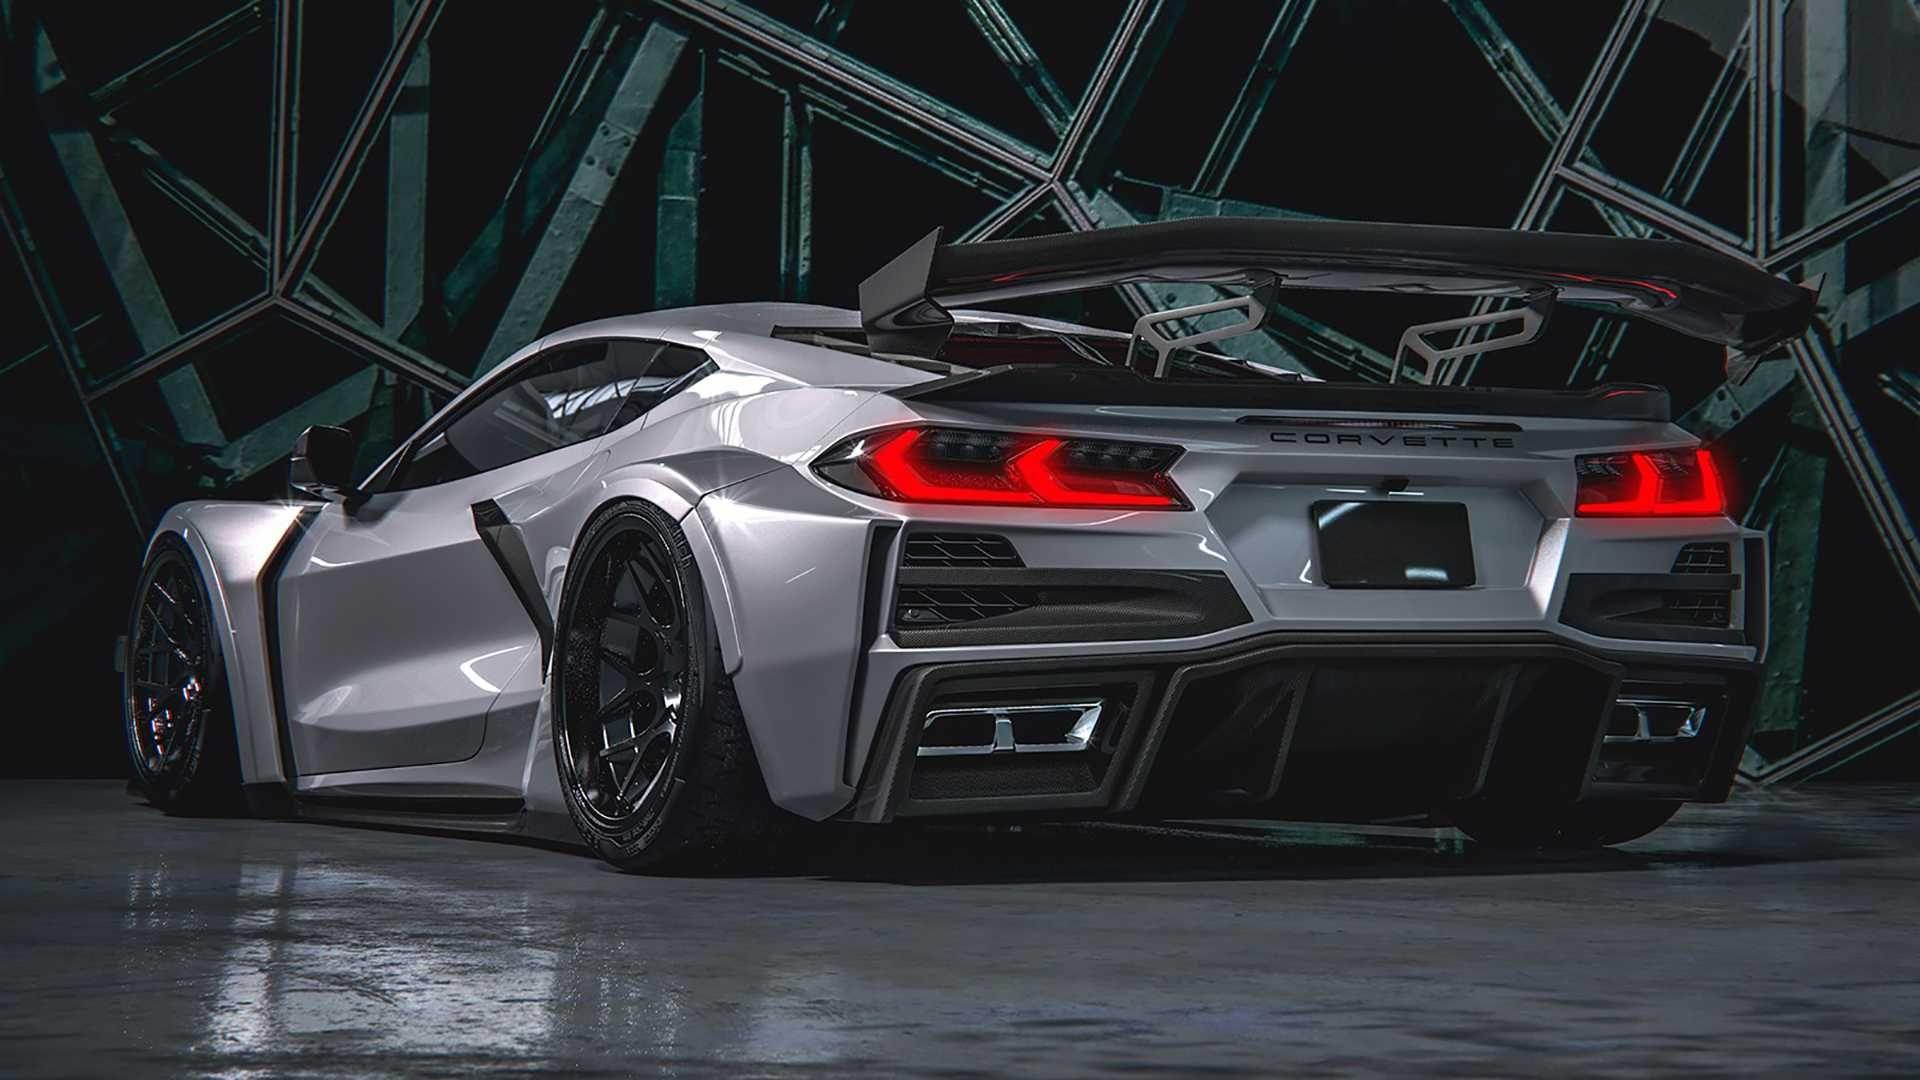 2020 Chevy Corvette Widebody Renderings By Hugosilva Designs Super Cars Corvette Chevy Corvette